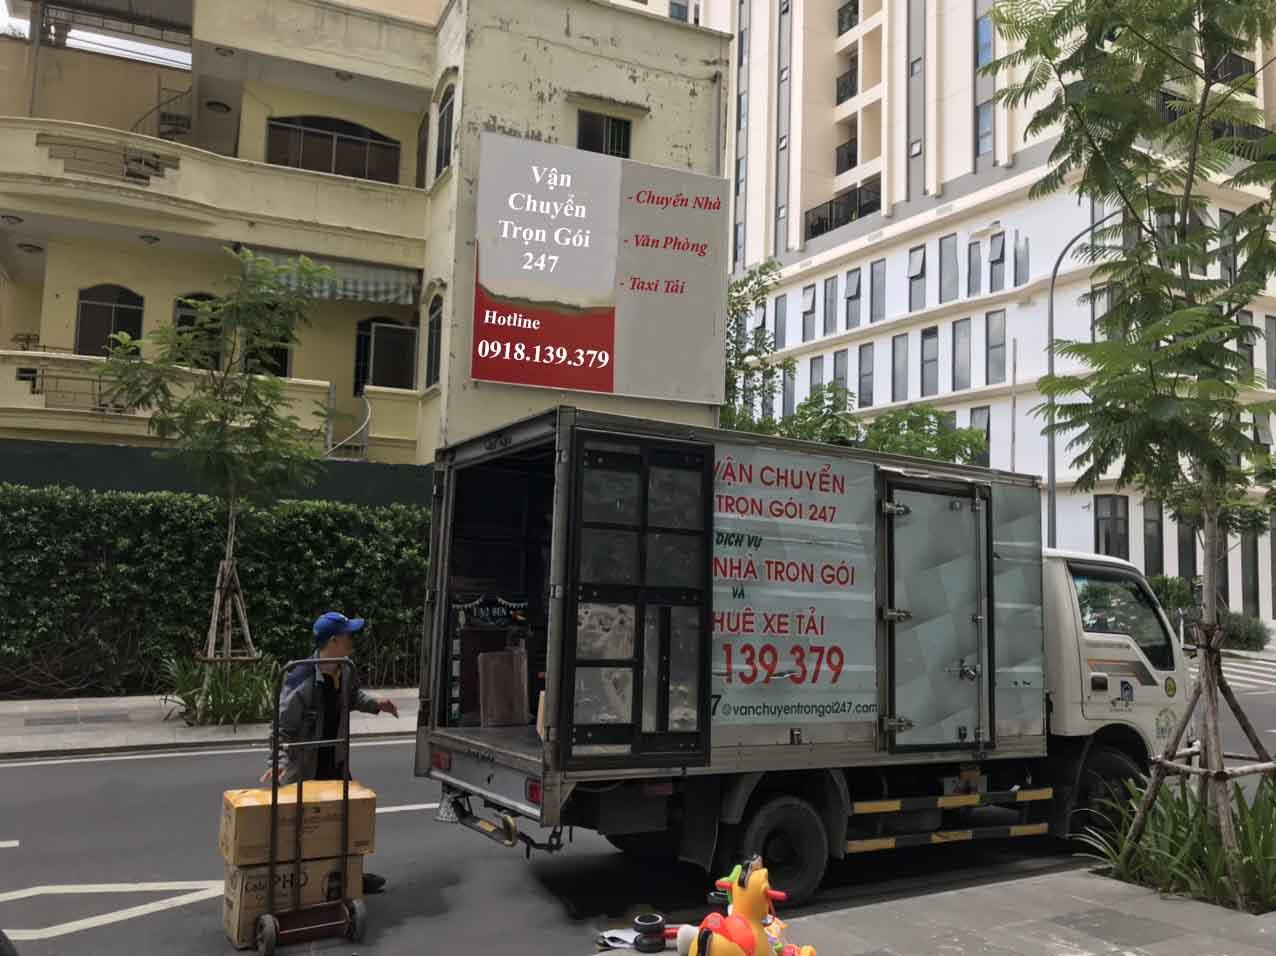 Dịch vụ chuyển nhà trọn gói quận Tân Bình giá rẻ